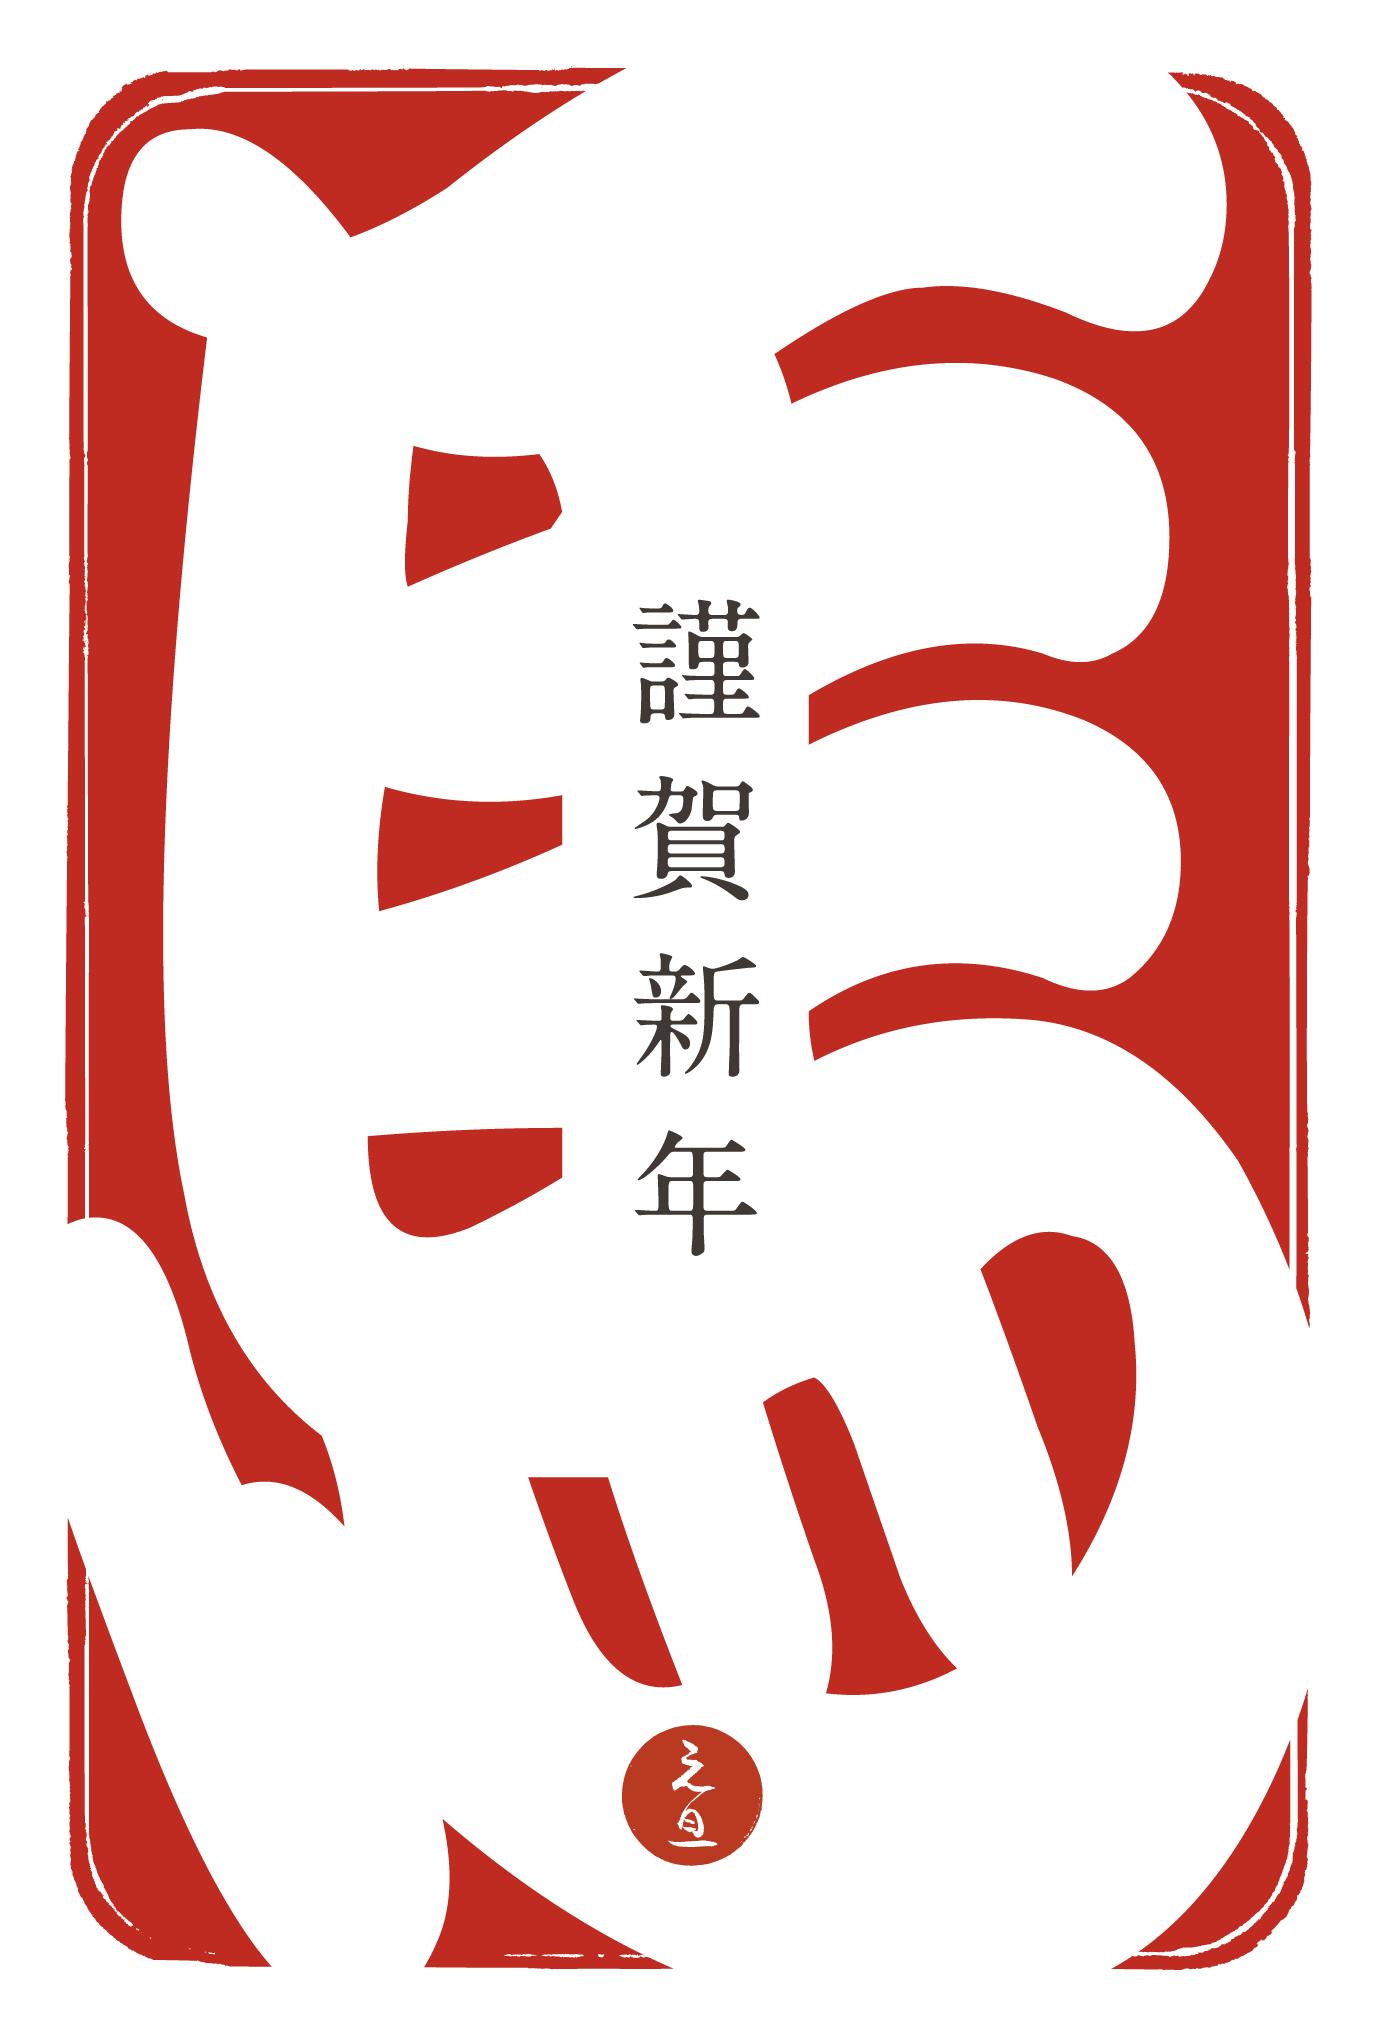 2014年賀状04-1:江戸勘亭流(馬)赤のダウンロード画像